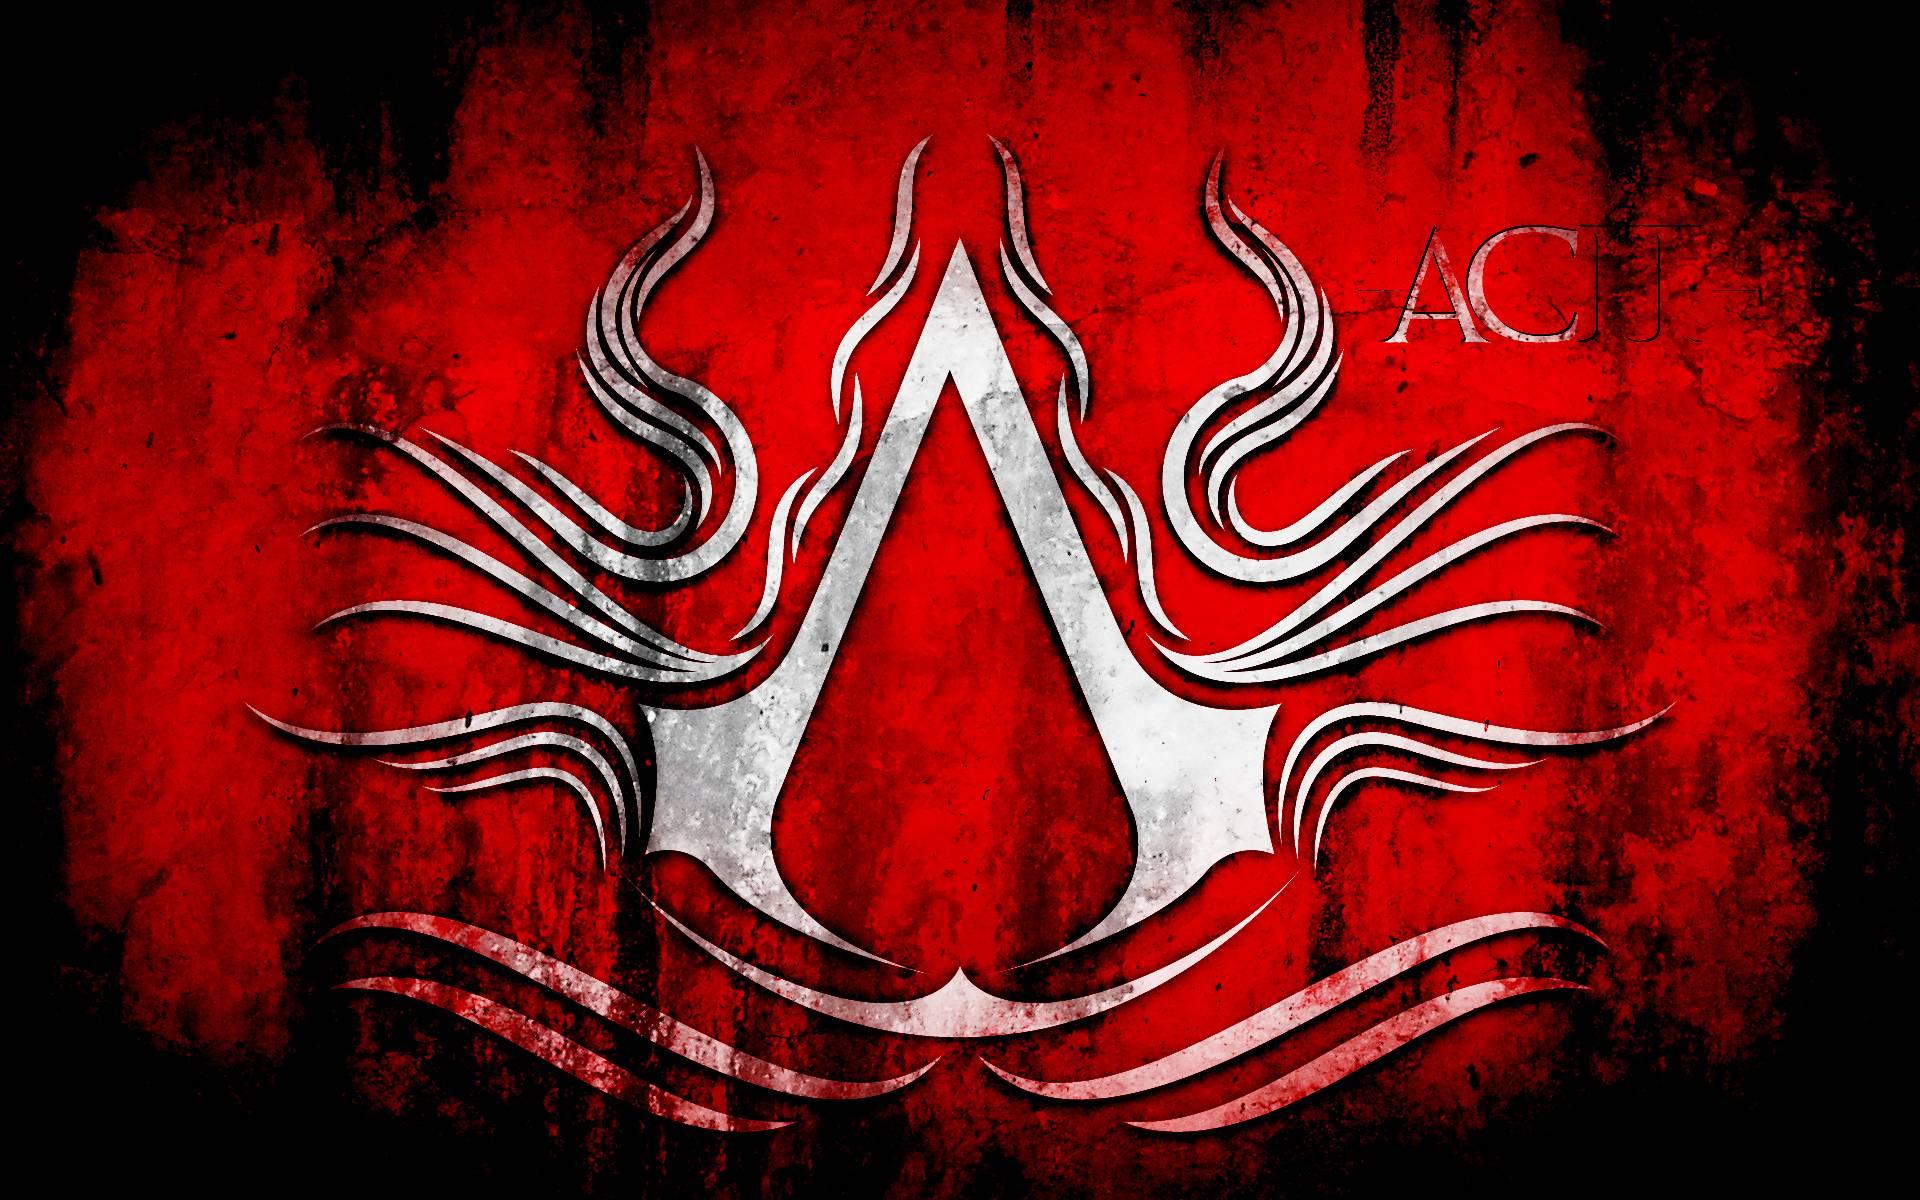 acsymbol.jpg